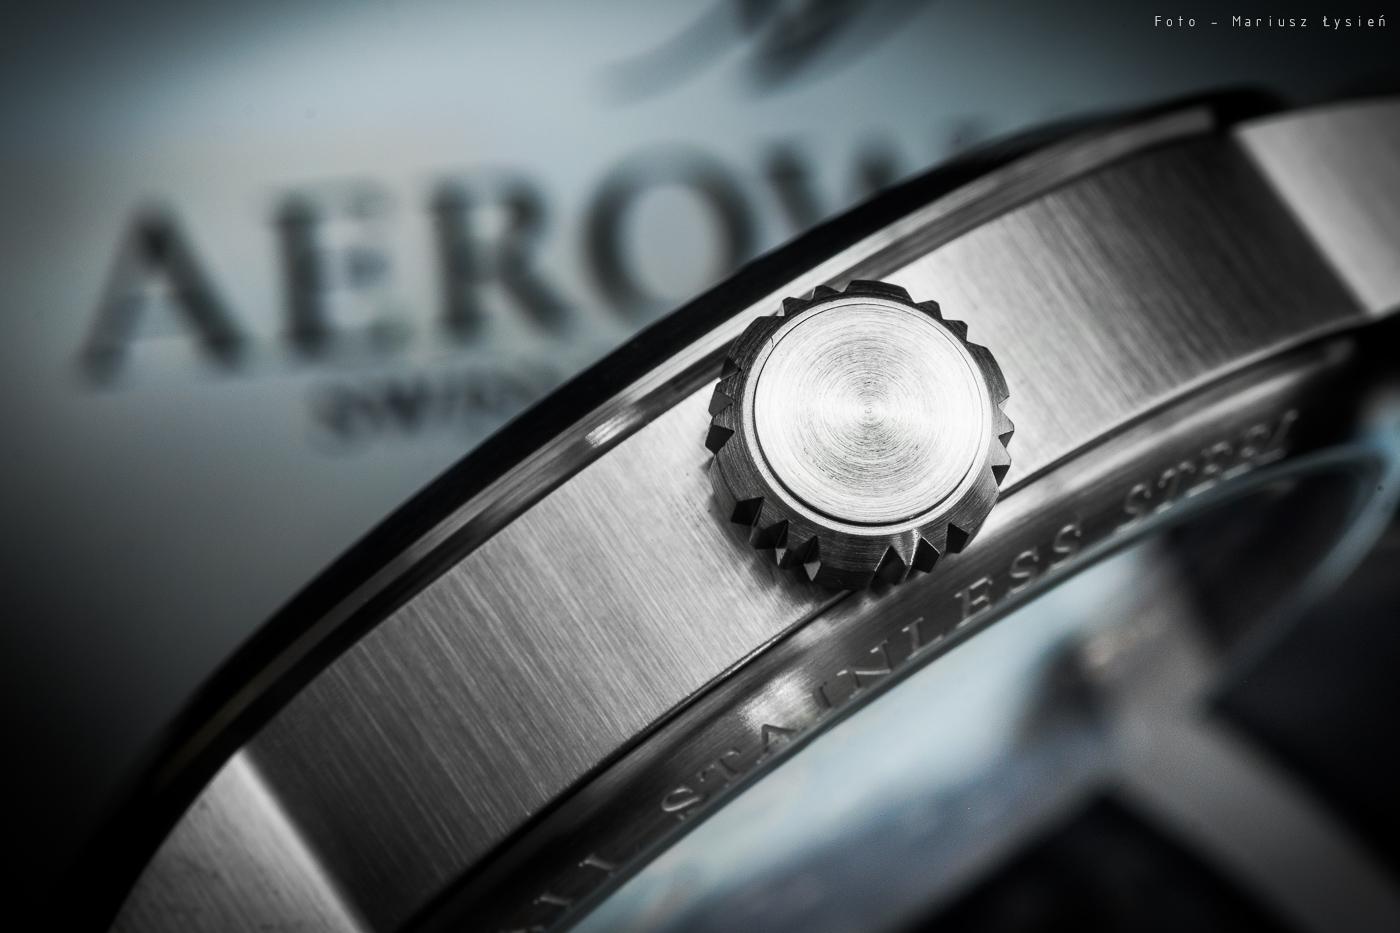 Detale limitowanego zegarka Aerowatch.